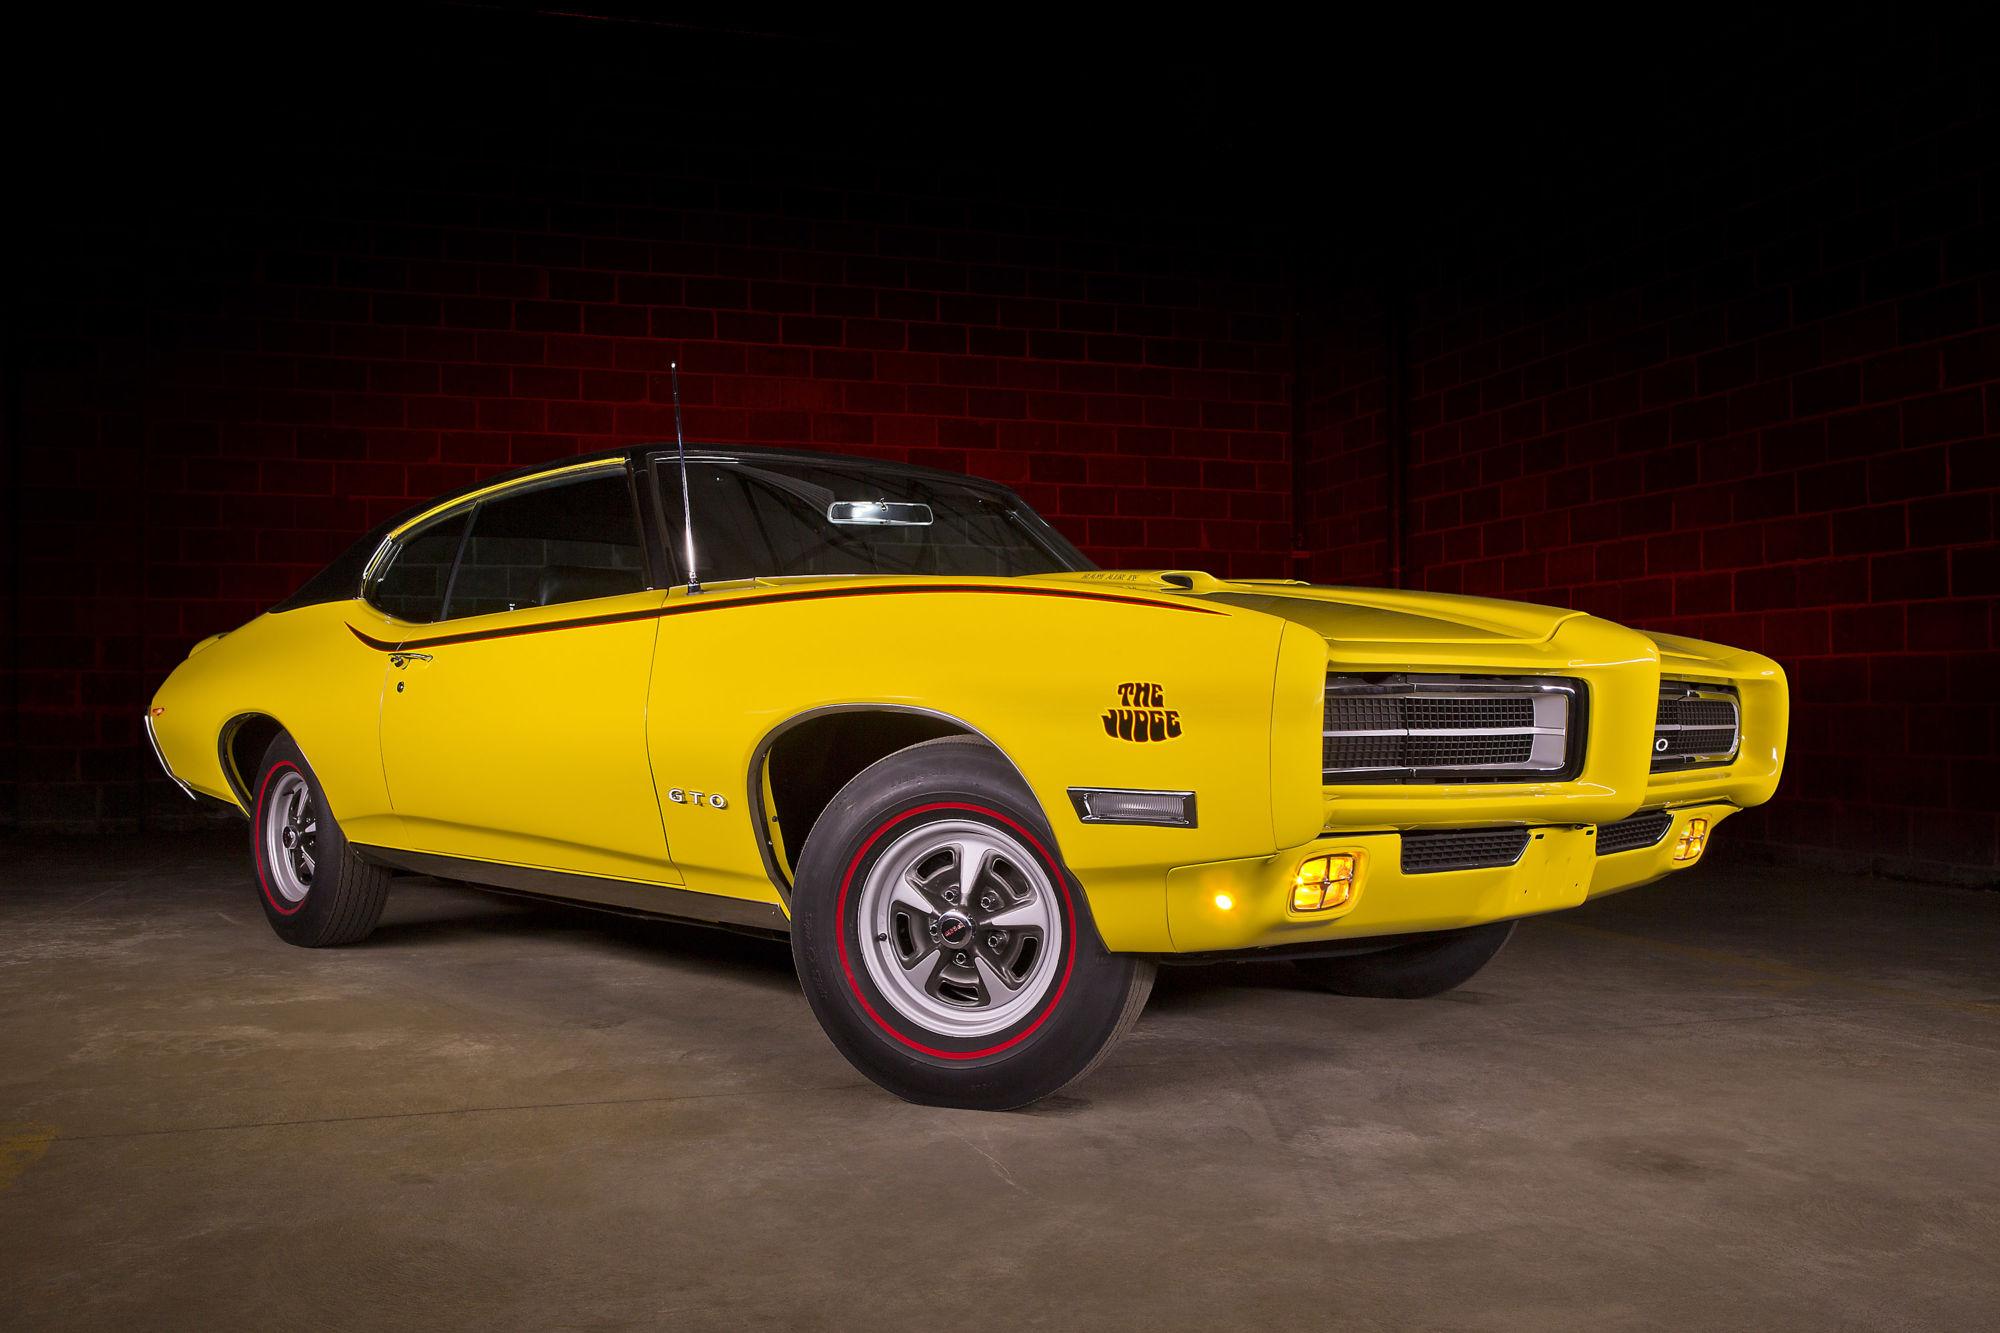 1969 Pontiac GTO Judge Ram Air IV – American Muscle Car